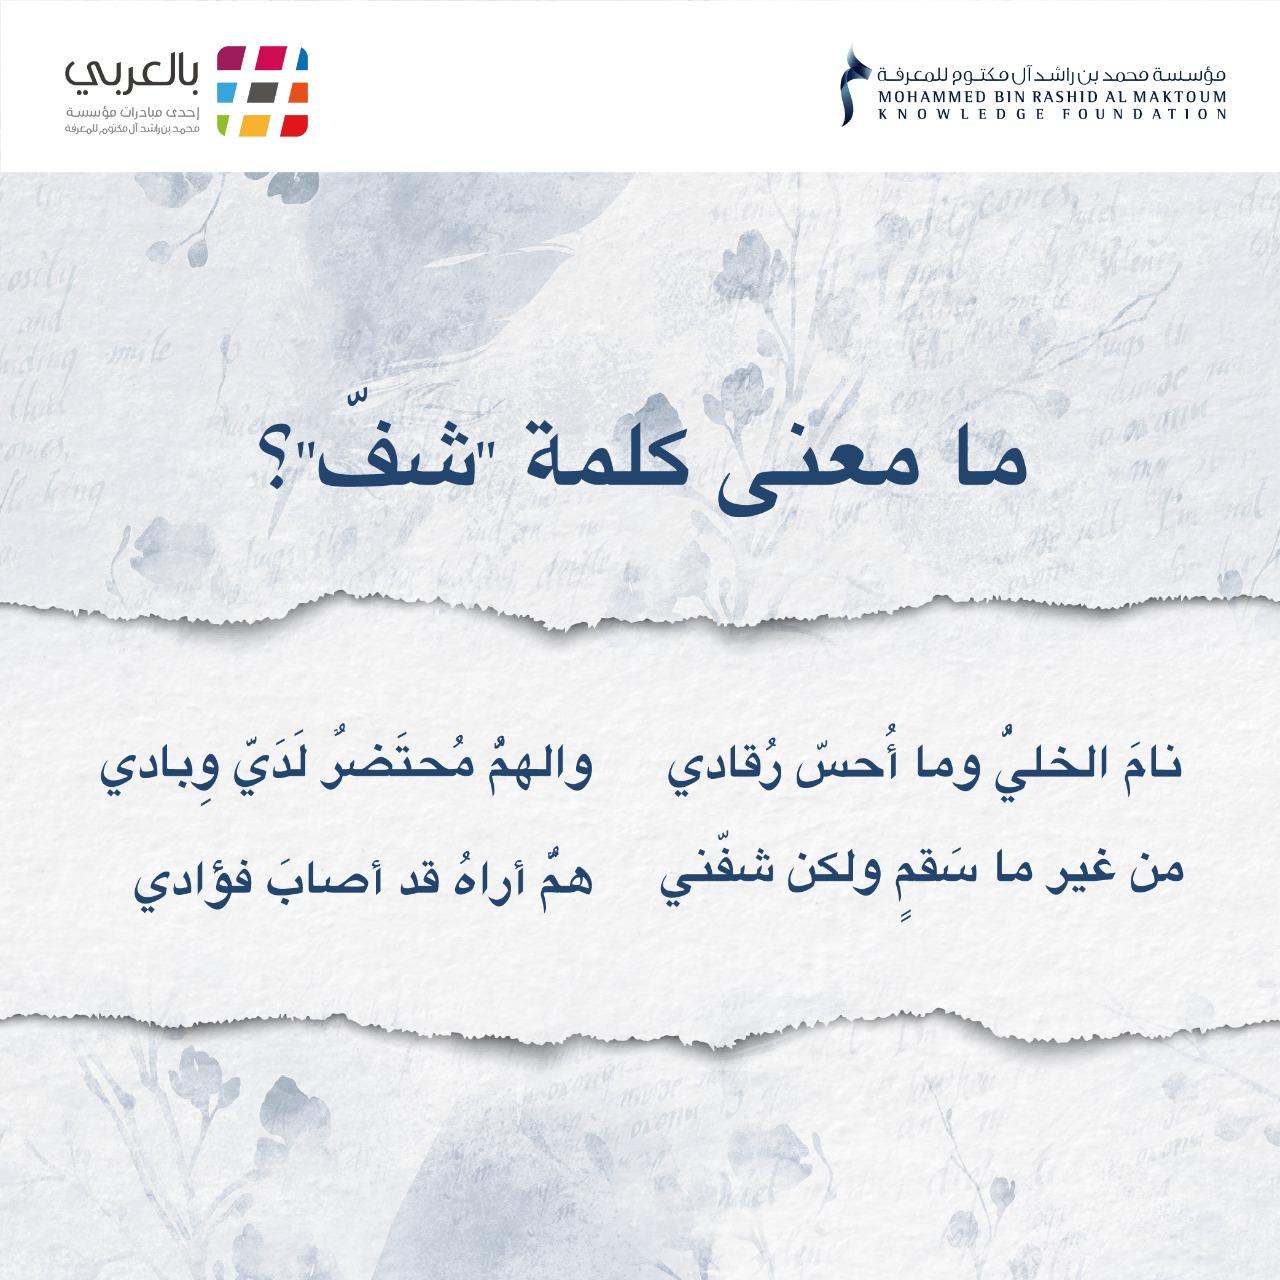 """بالعربي on Twitter: """"ما معنى #كلمة """"شفّ""""؟ نام الخليُّ وما أحسُّ رُقادي ....  والهمُّ مُحتَضرٌ لديَّ وبادي من غيرِ ما سَقمٍ ولكن شفَّني .... همٌّ أراهُ  قد أصابَ فؤادي . @MBRF_News #بالعربي…"""